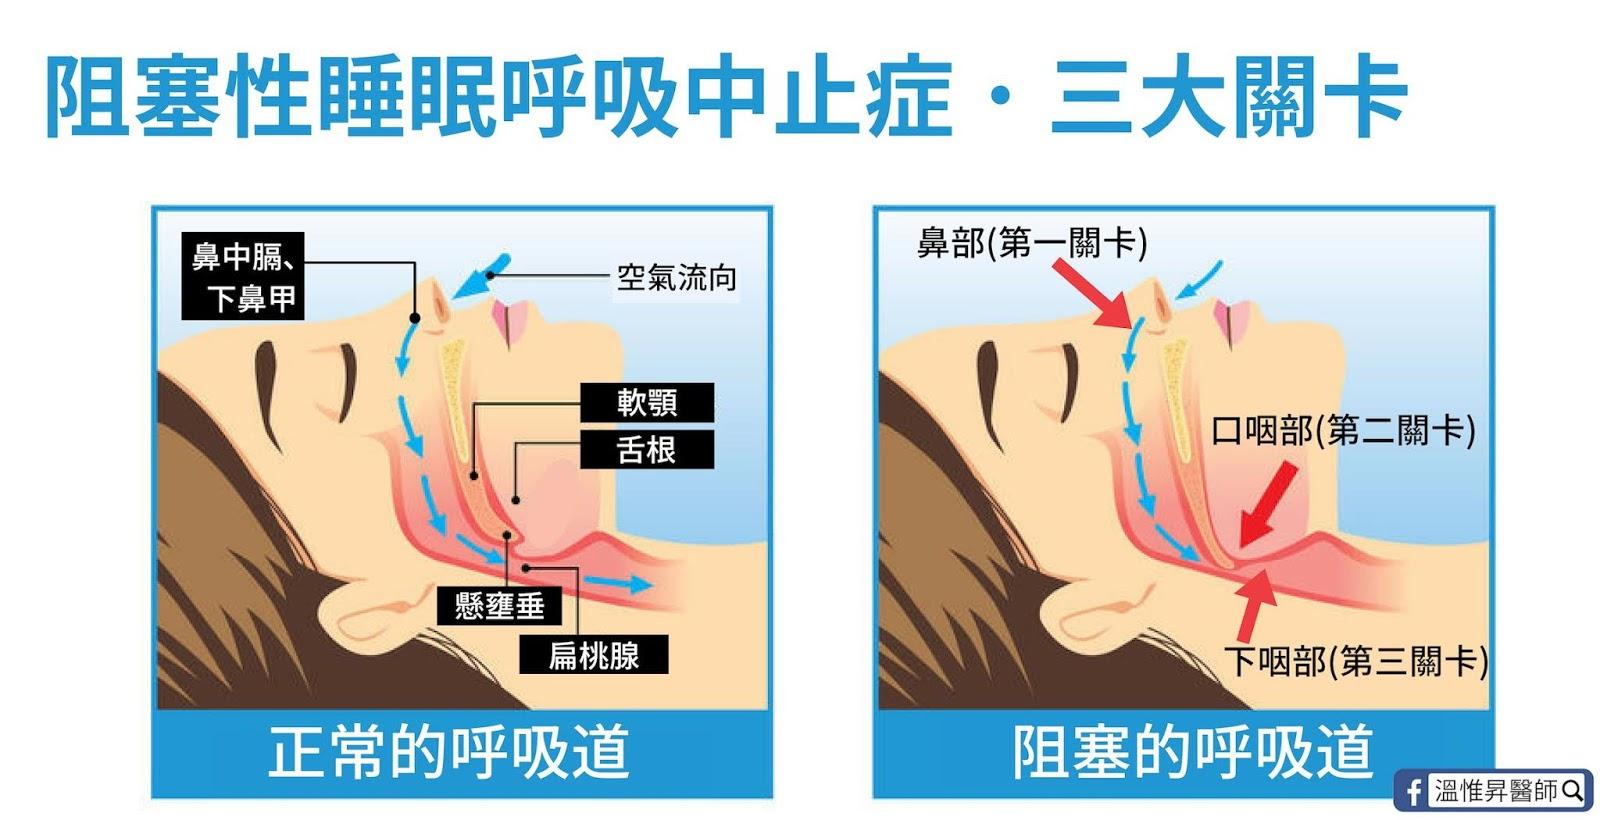 溫惟昇醫師 耳鼻喉頭頸外科: 打鼾與睡眠呼吸中止癥的精準治療-多層次睡眠手術